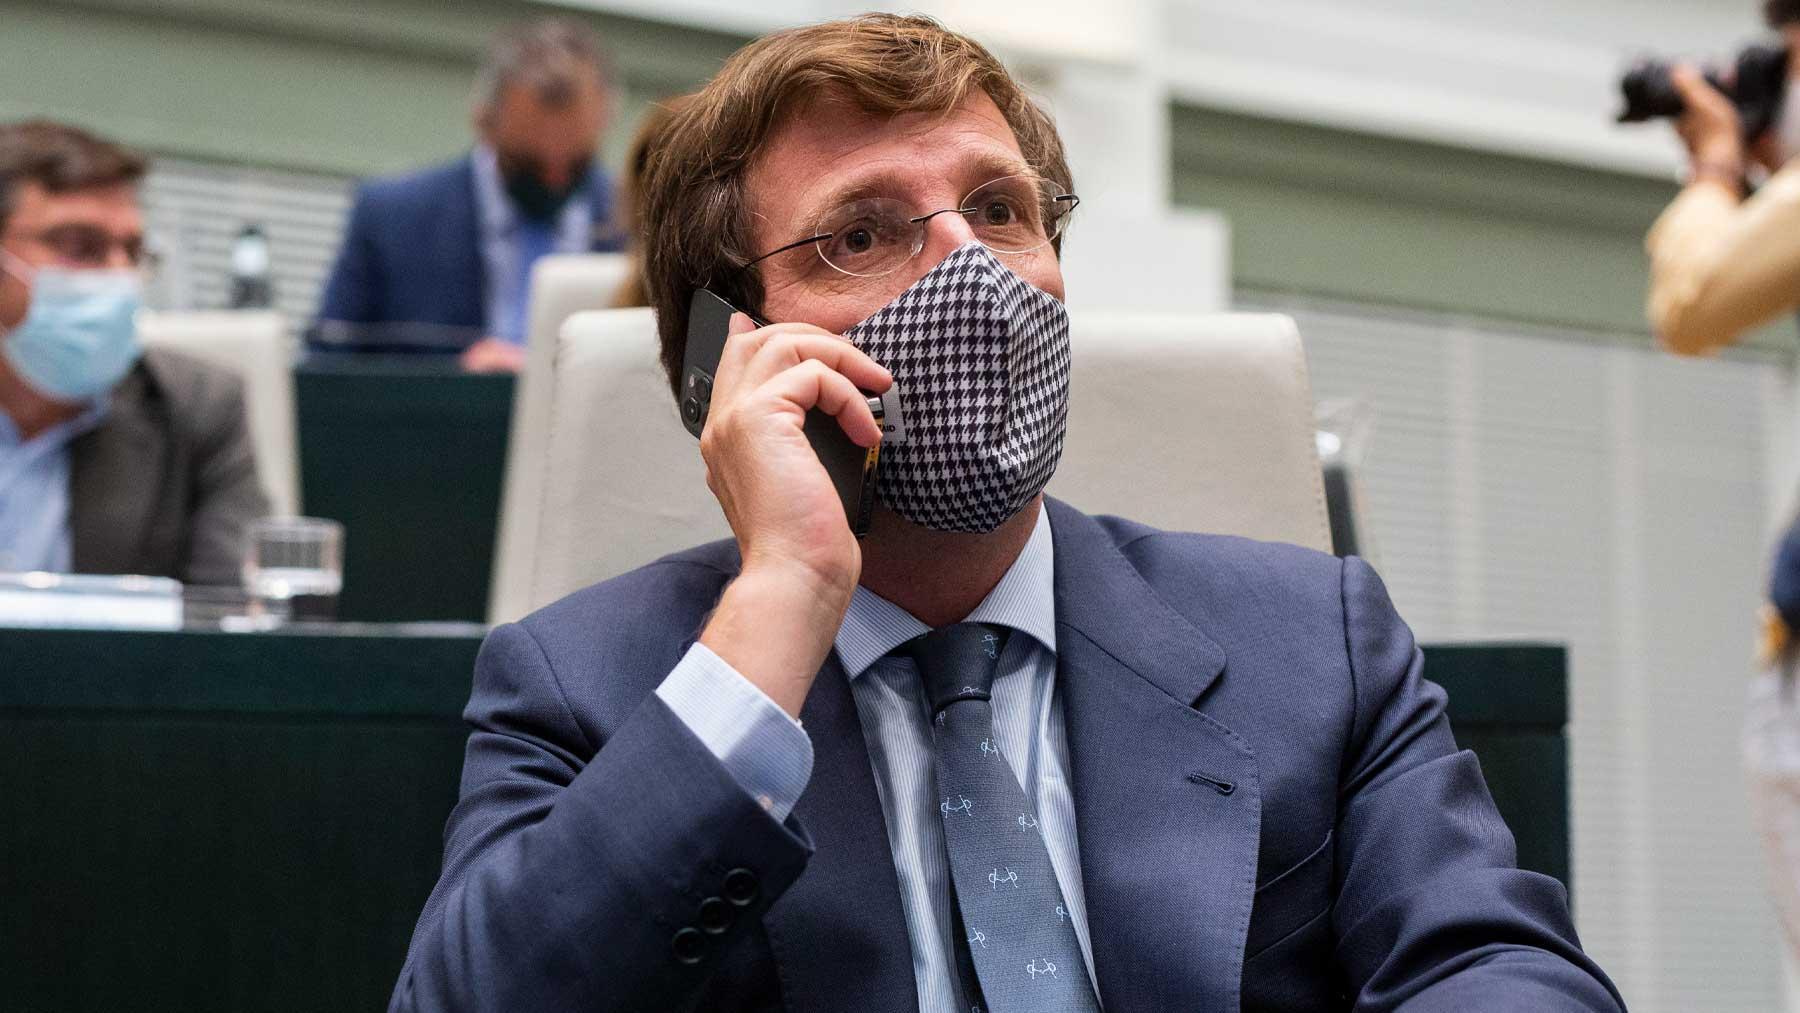 El alcalde de Madrid y portavoz nacional del PP, José Luis Martínez-Almeida. Foto: EP